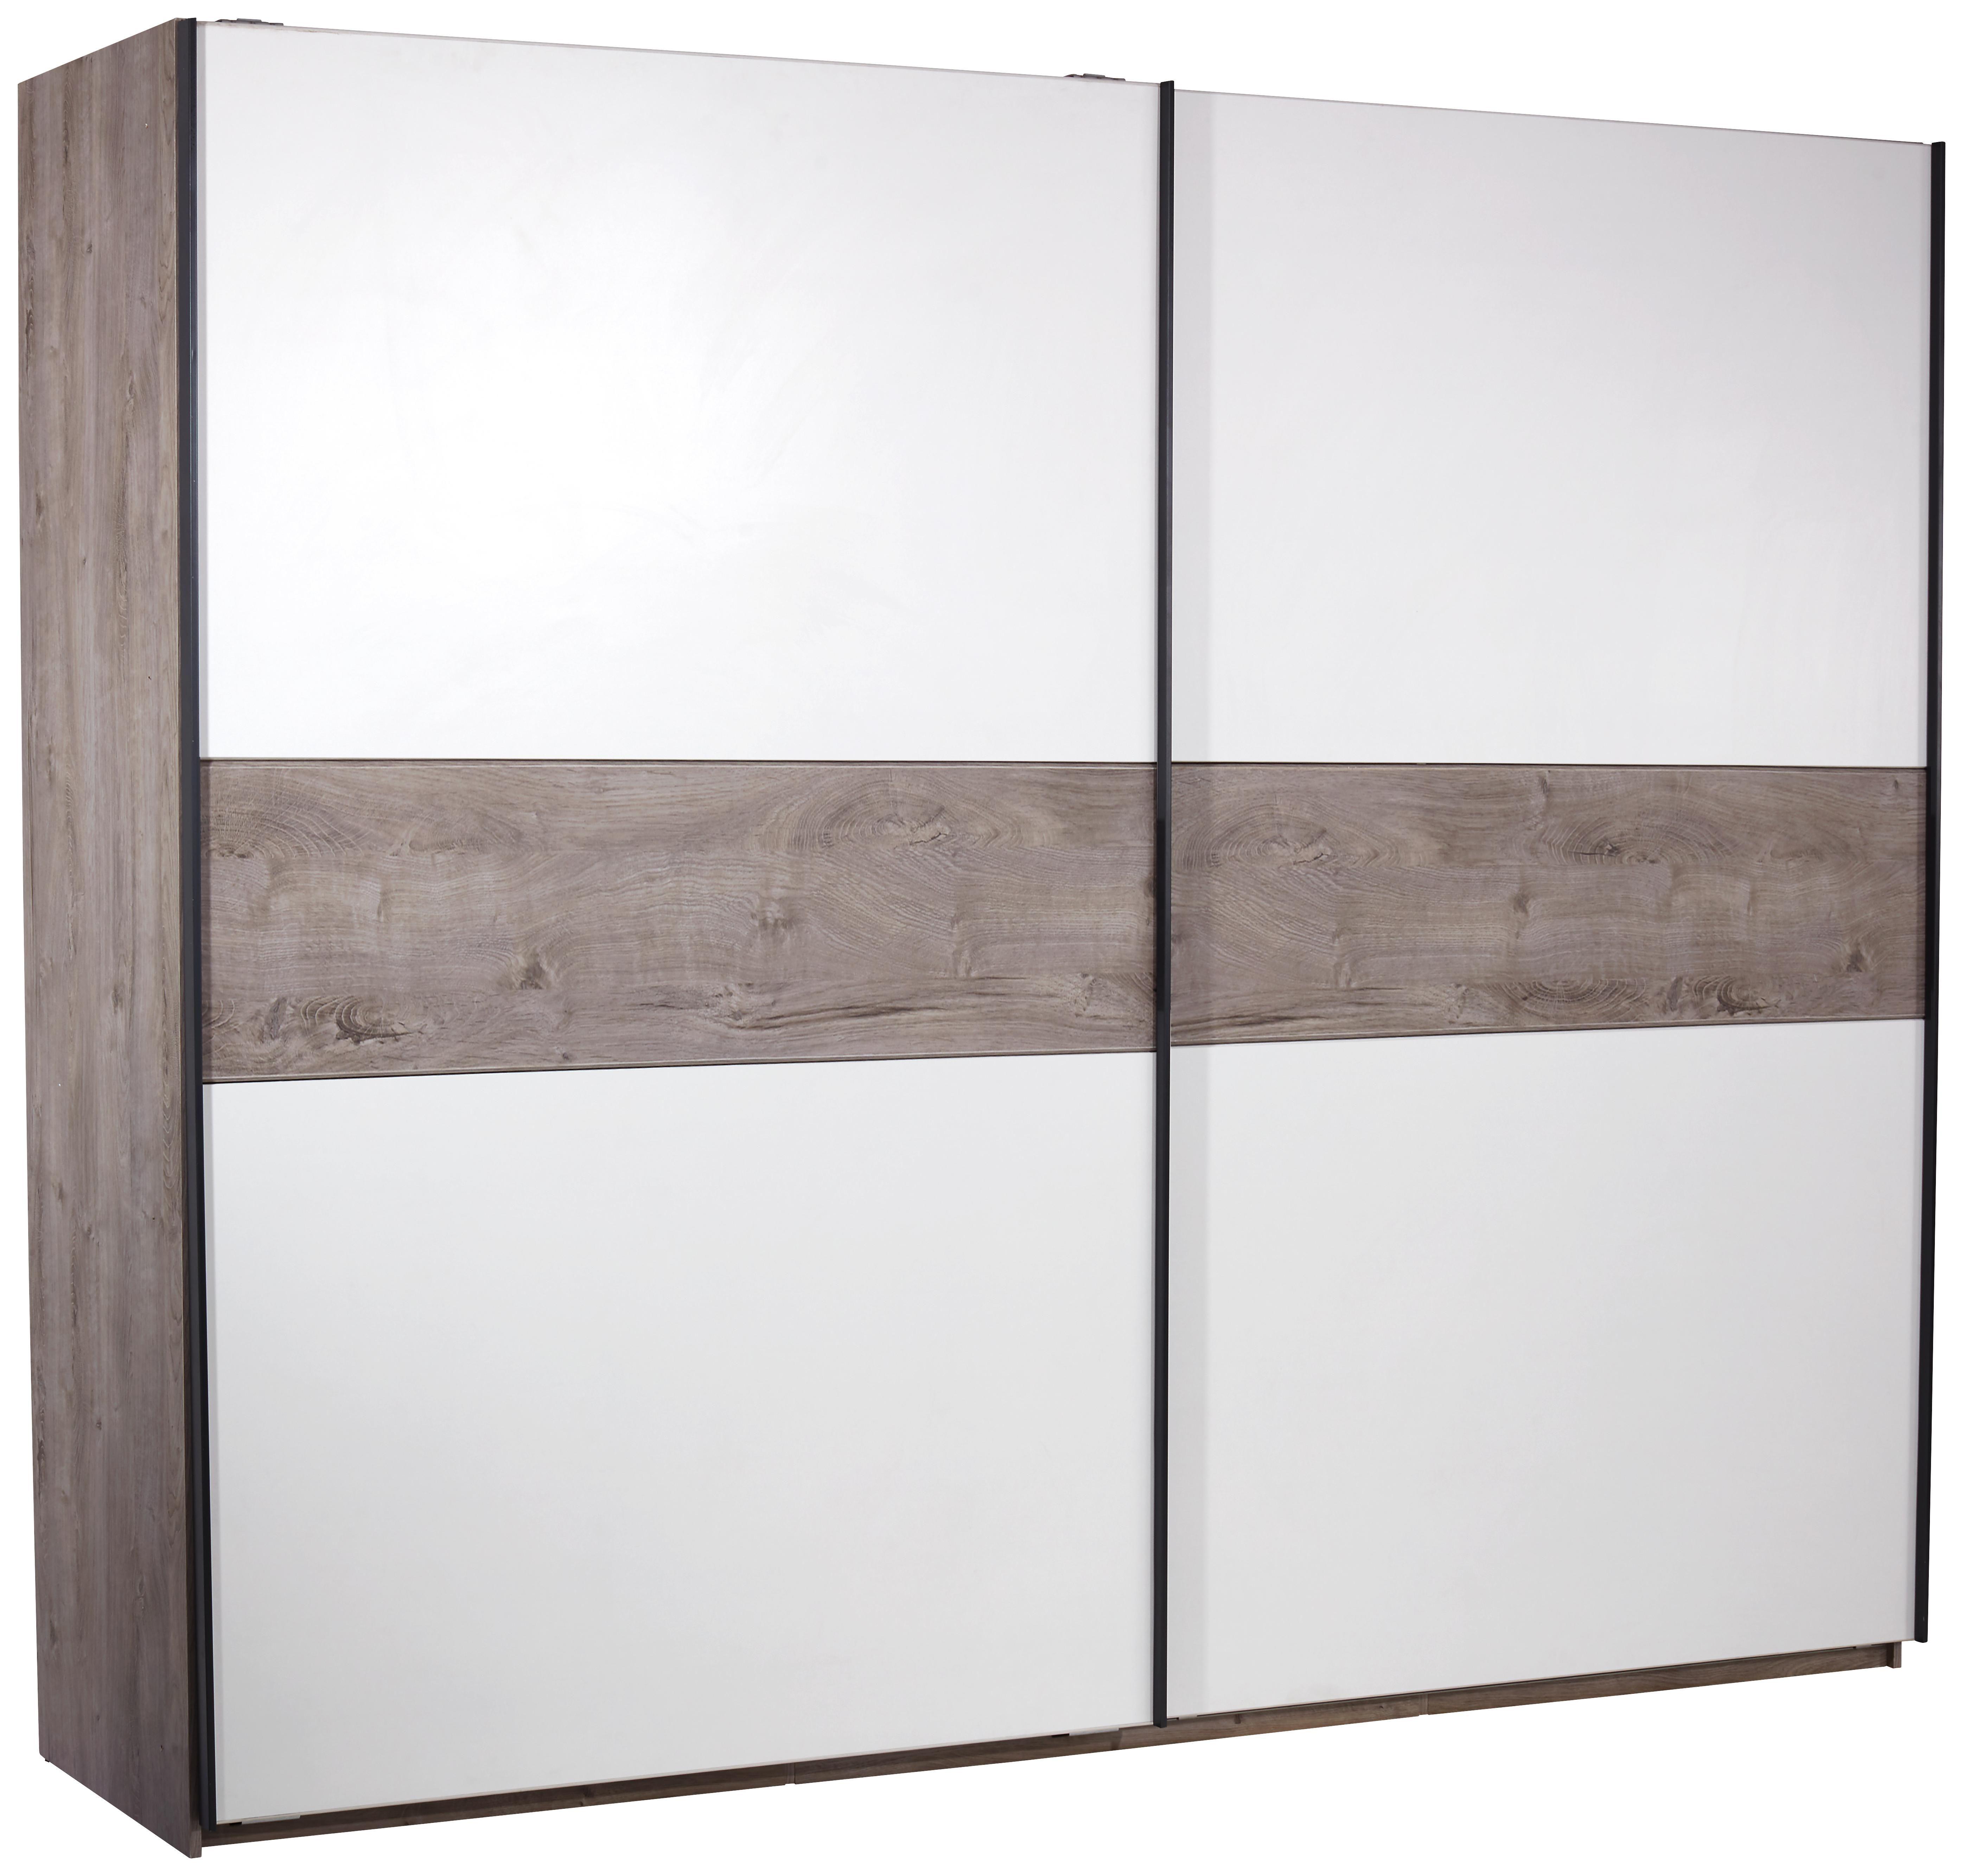 Omara Z Drsnimi Vrati Julia - aluminij/bela, Konvencionalno, kovina/leseni material (315/225/61cm) - Mömax modern living